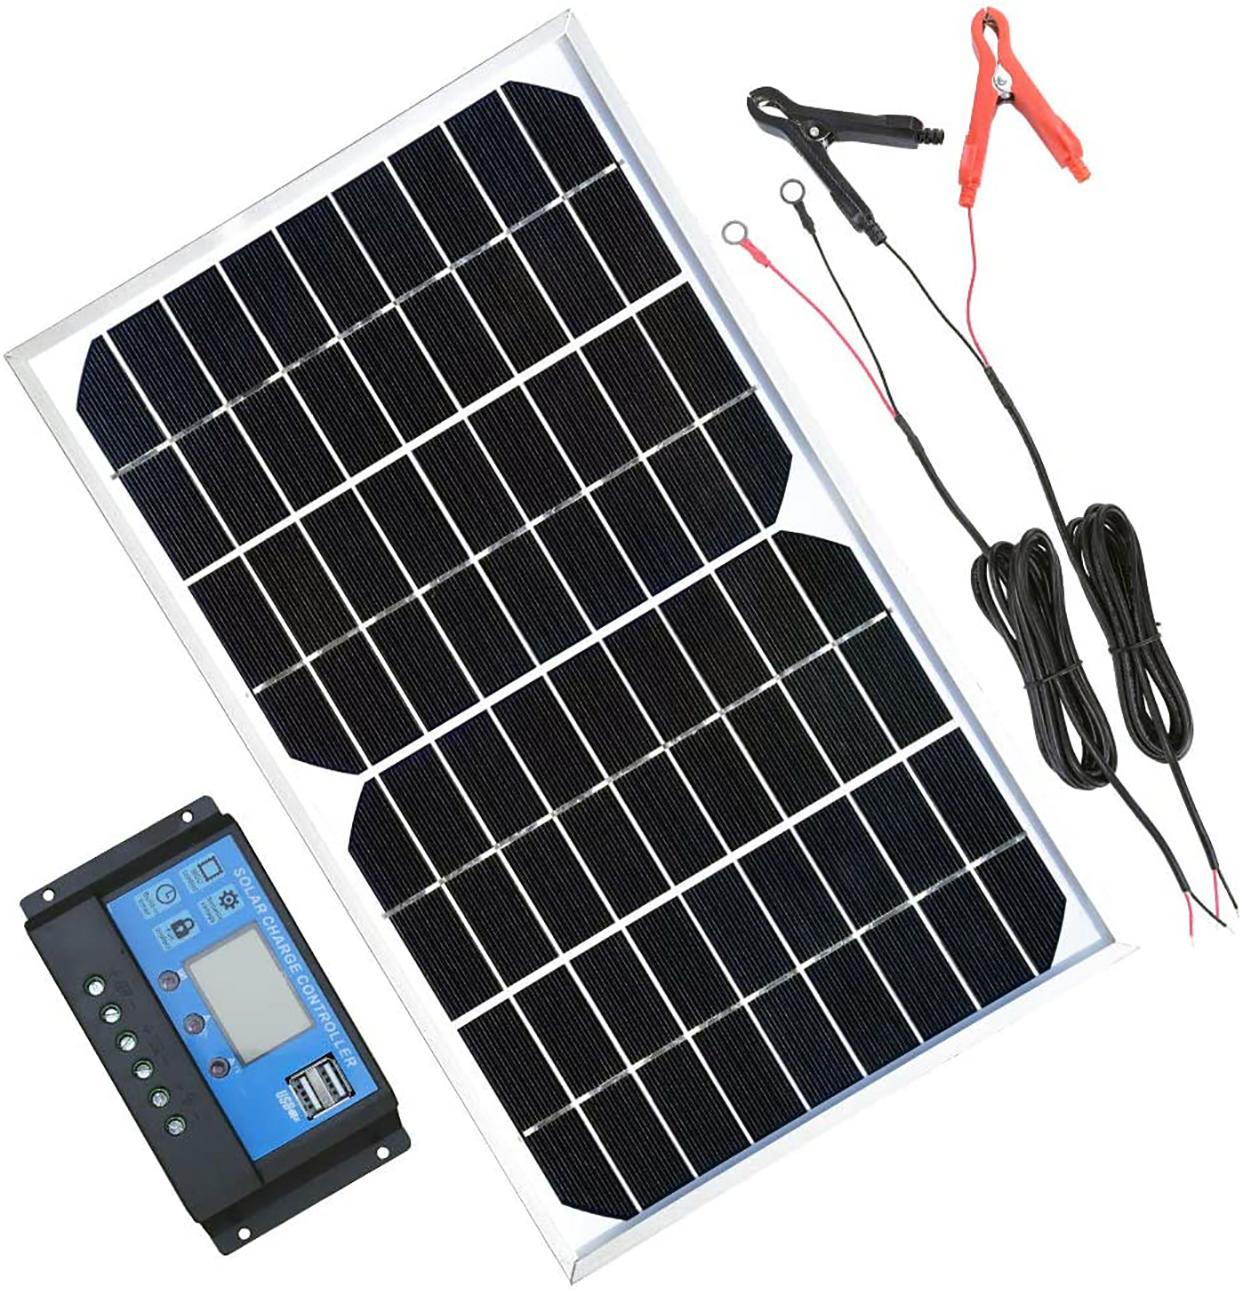 Solar Panel Kit 10W 12V review